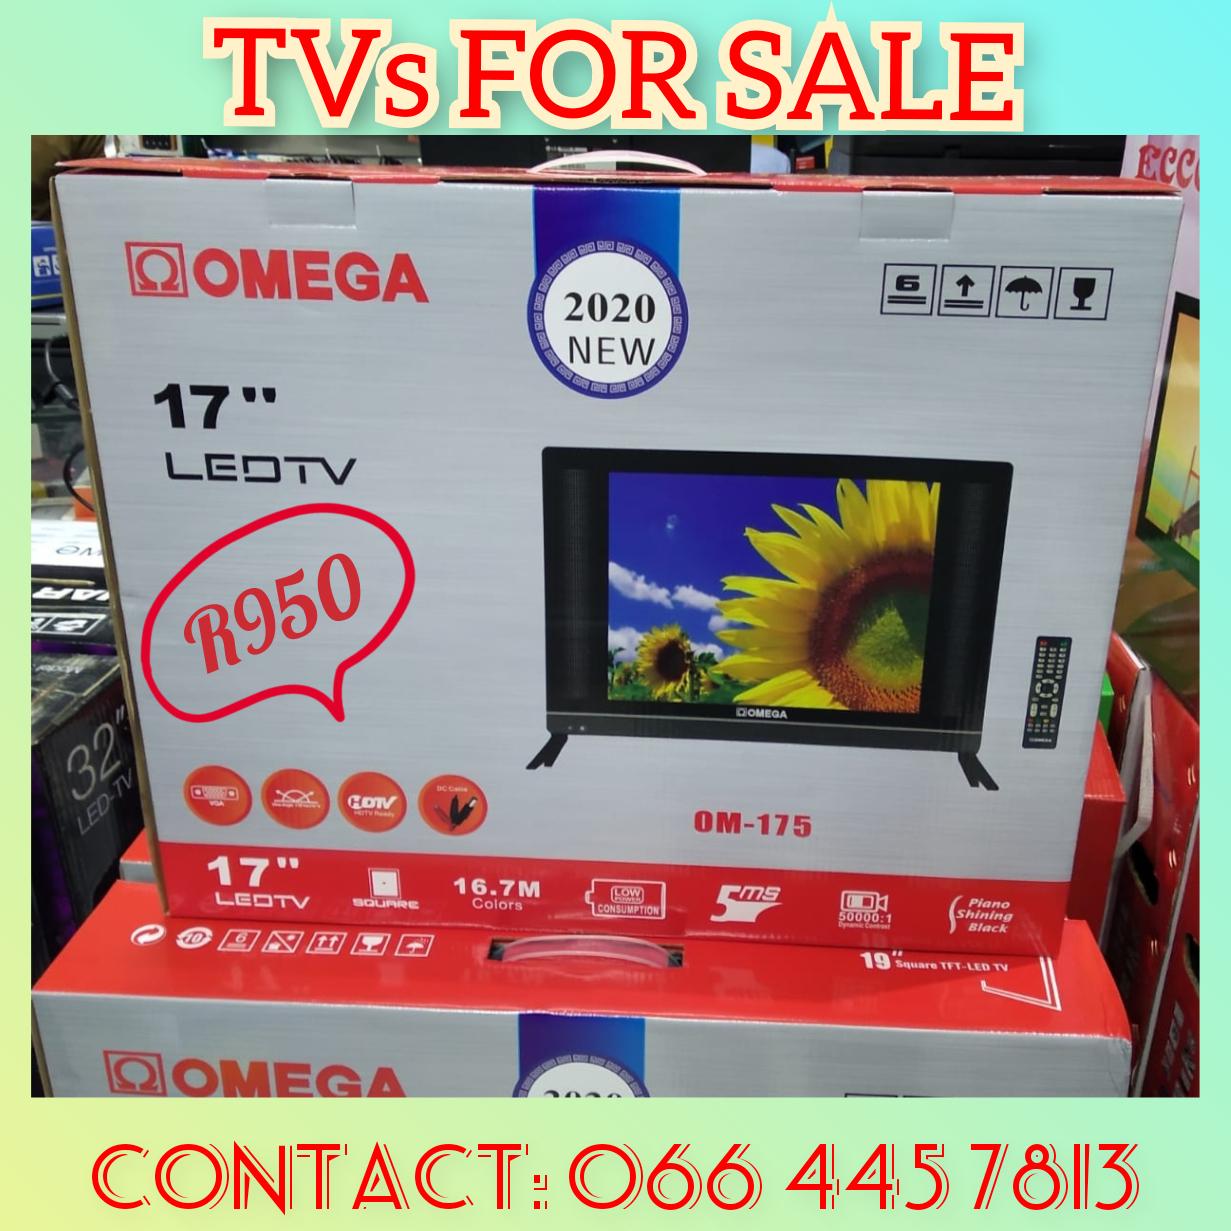 17 INCH LED TV OMEGA FOR SALE